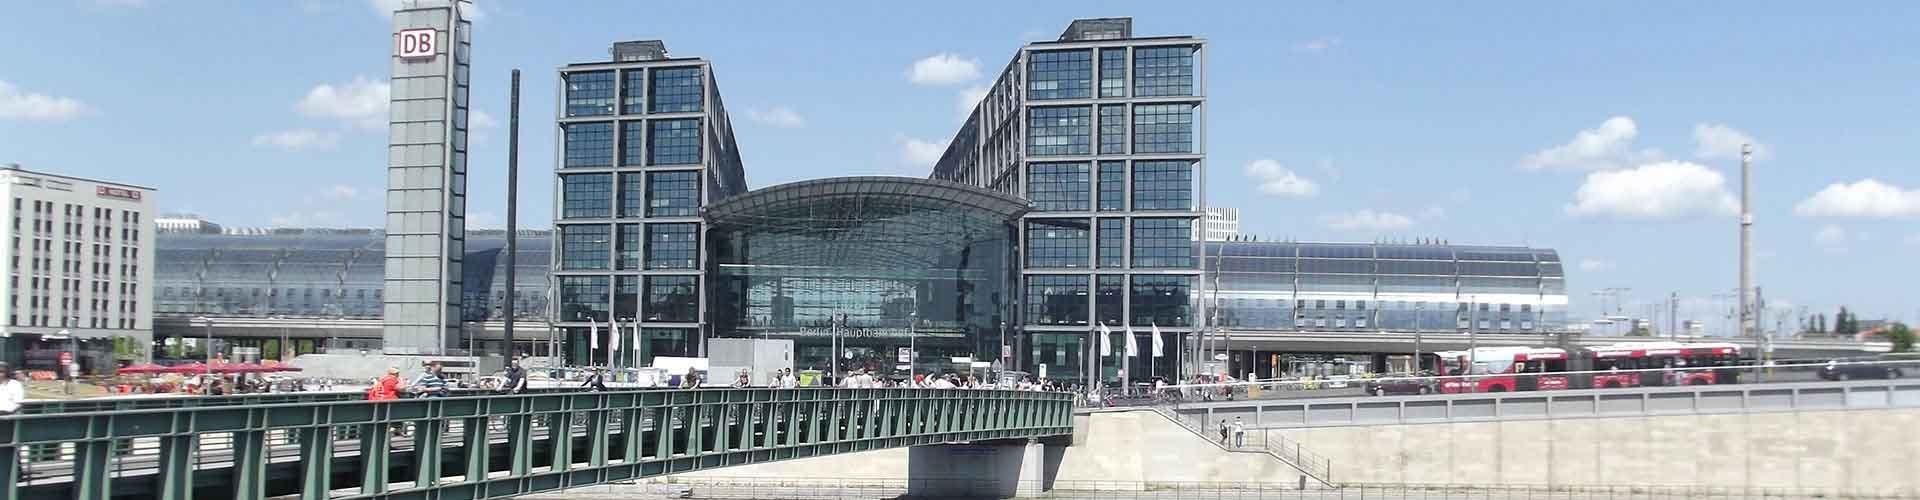 베를린 - 베를린 오스트반호프역와 가까운 호스텔. 베를린의 지도, 베를린에 위치한 호스텔 사진 및 후기 정보.